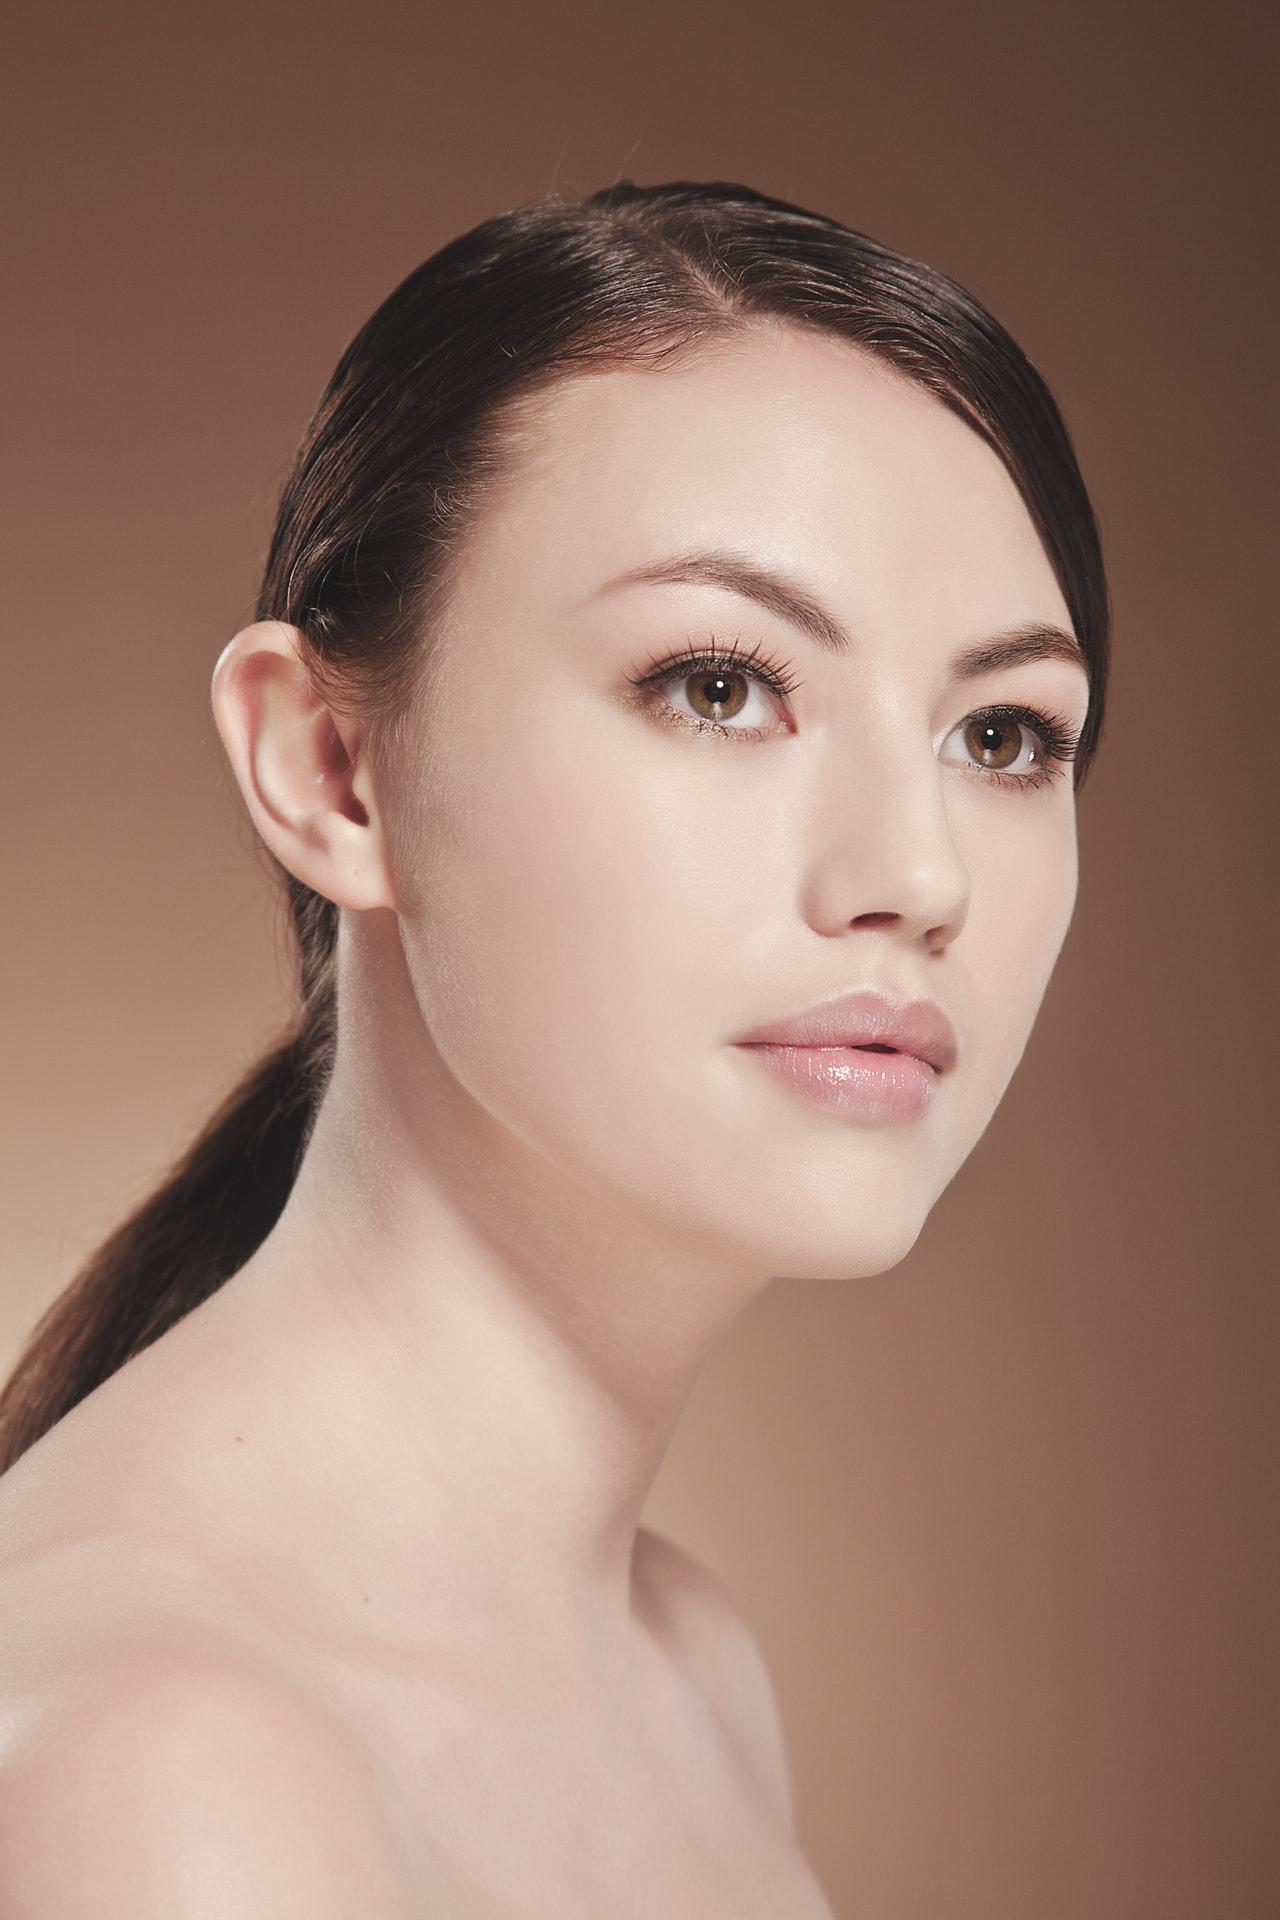 外国人モデル フィーニーの写真7